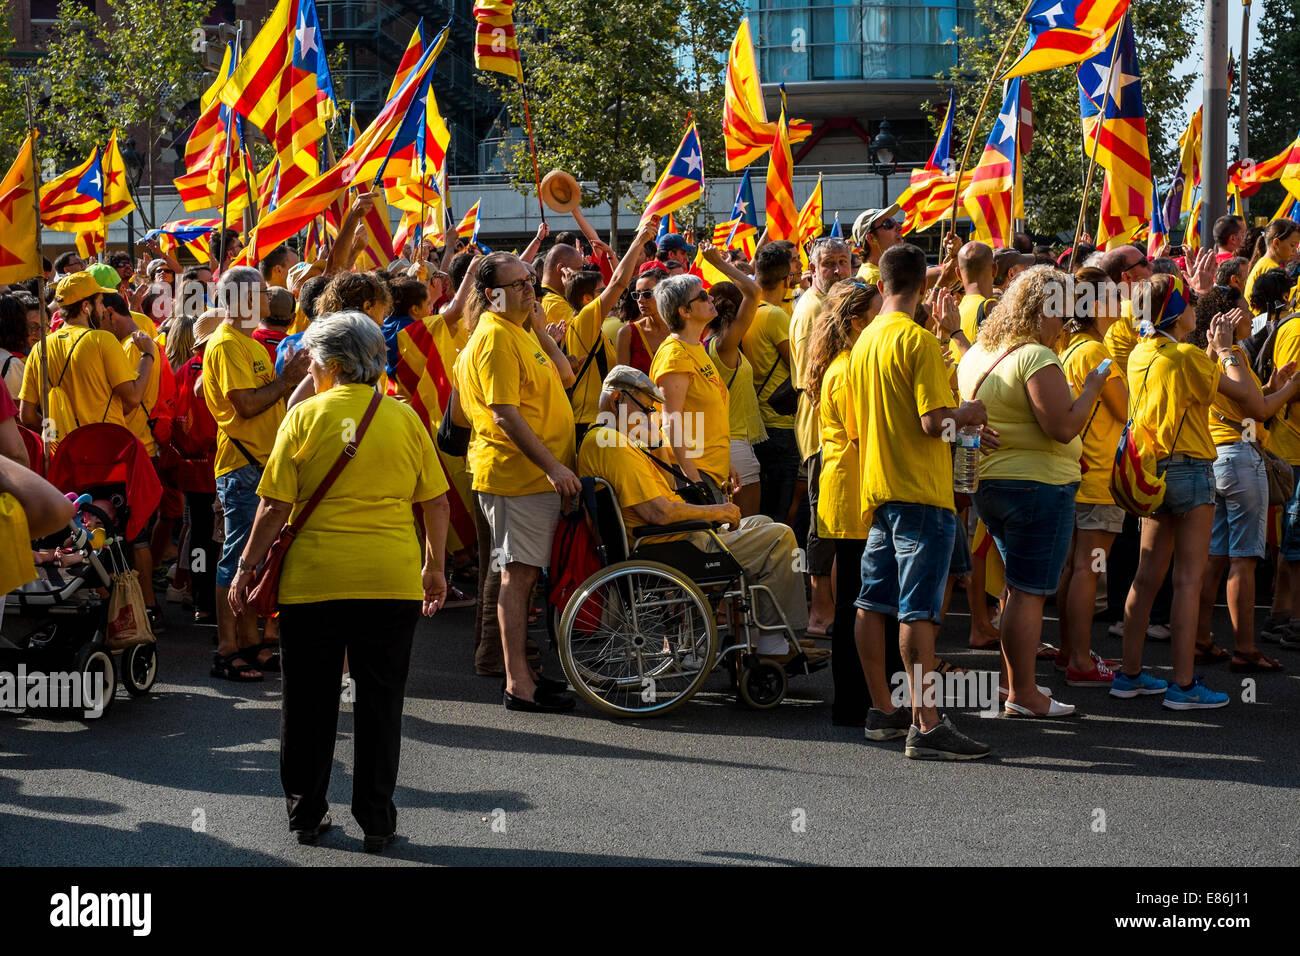 Photos de la marche pour l'indépendance catalane de Barcelone en 11 septembre 2014. Photo Stock